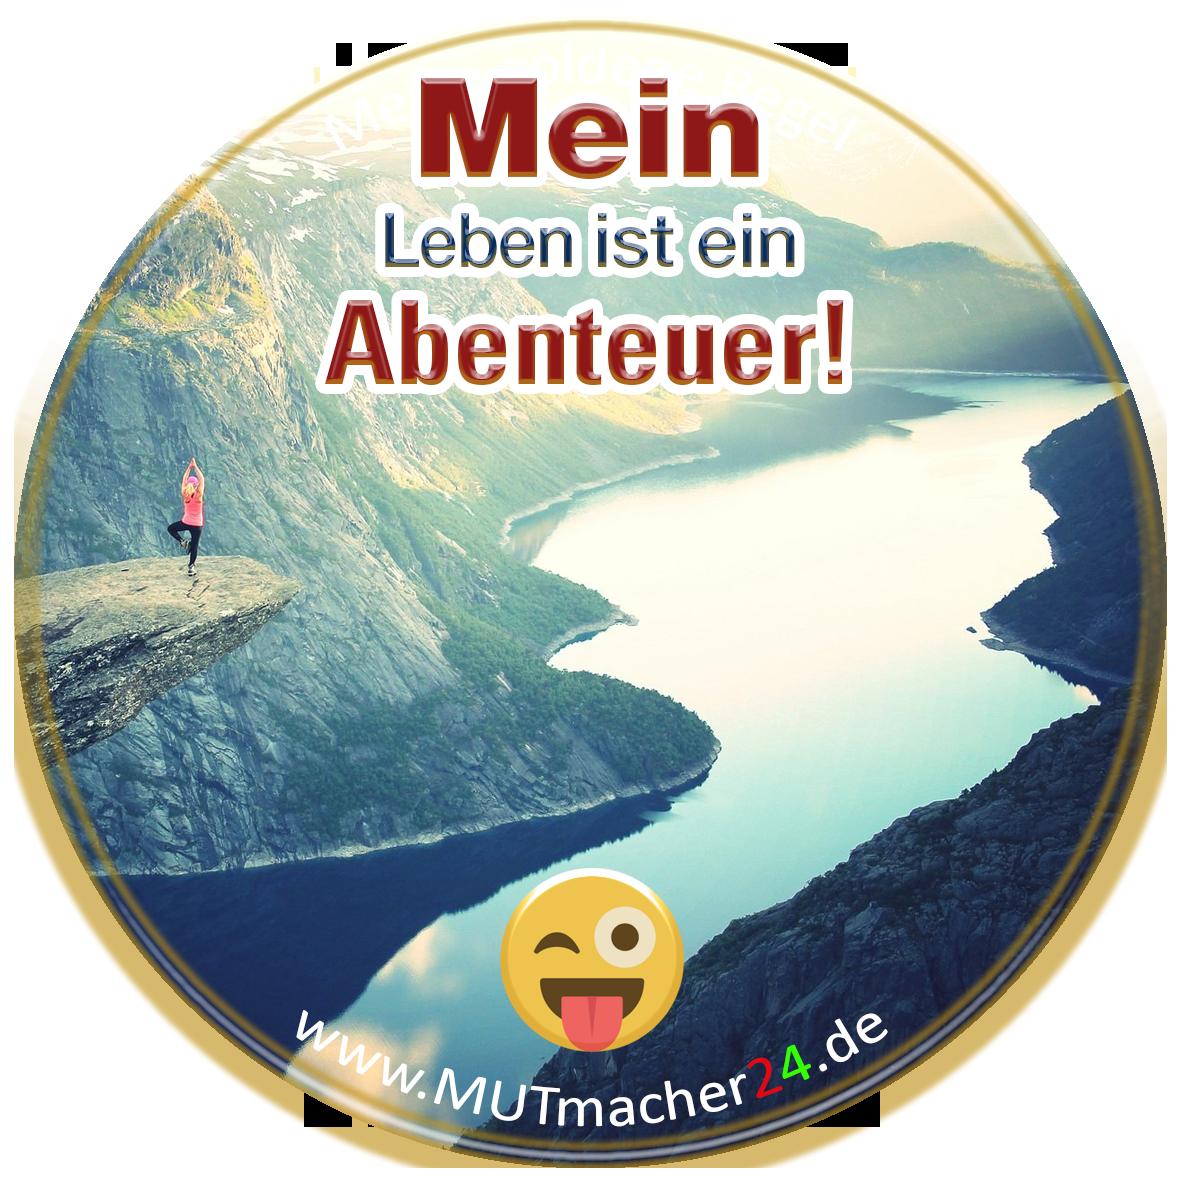 Abenteuer Leben - MUTmacher24 - Die Definition